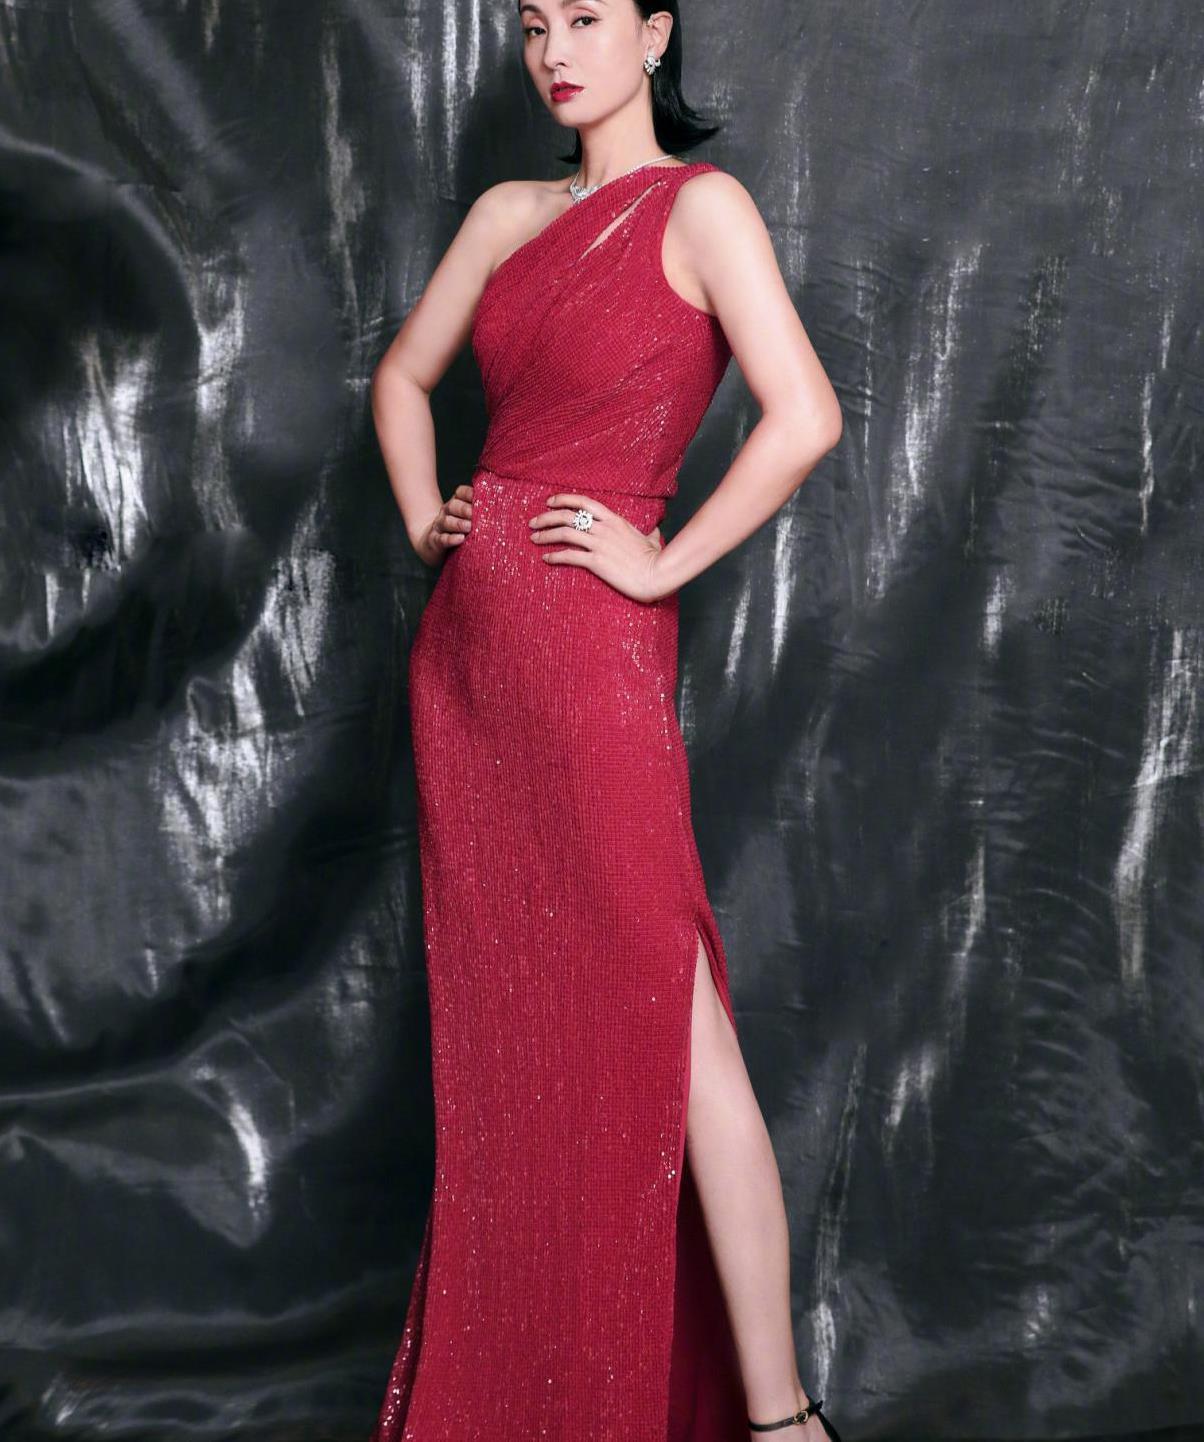 陶虹吃了防腐剂?斜肩水钻礼裙优雅又显高级,丰满身材太有韵味